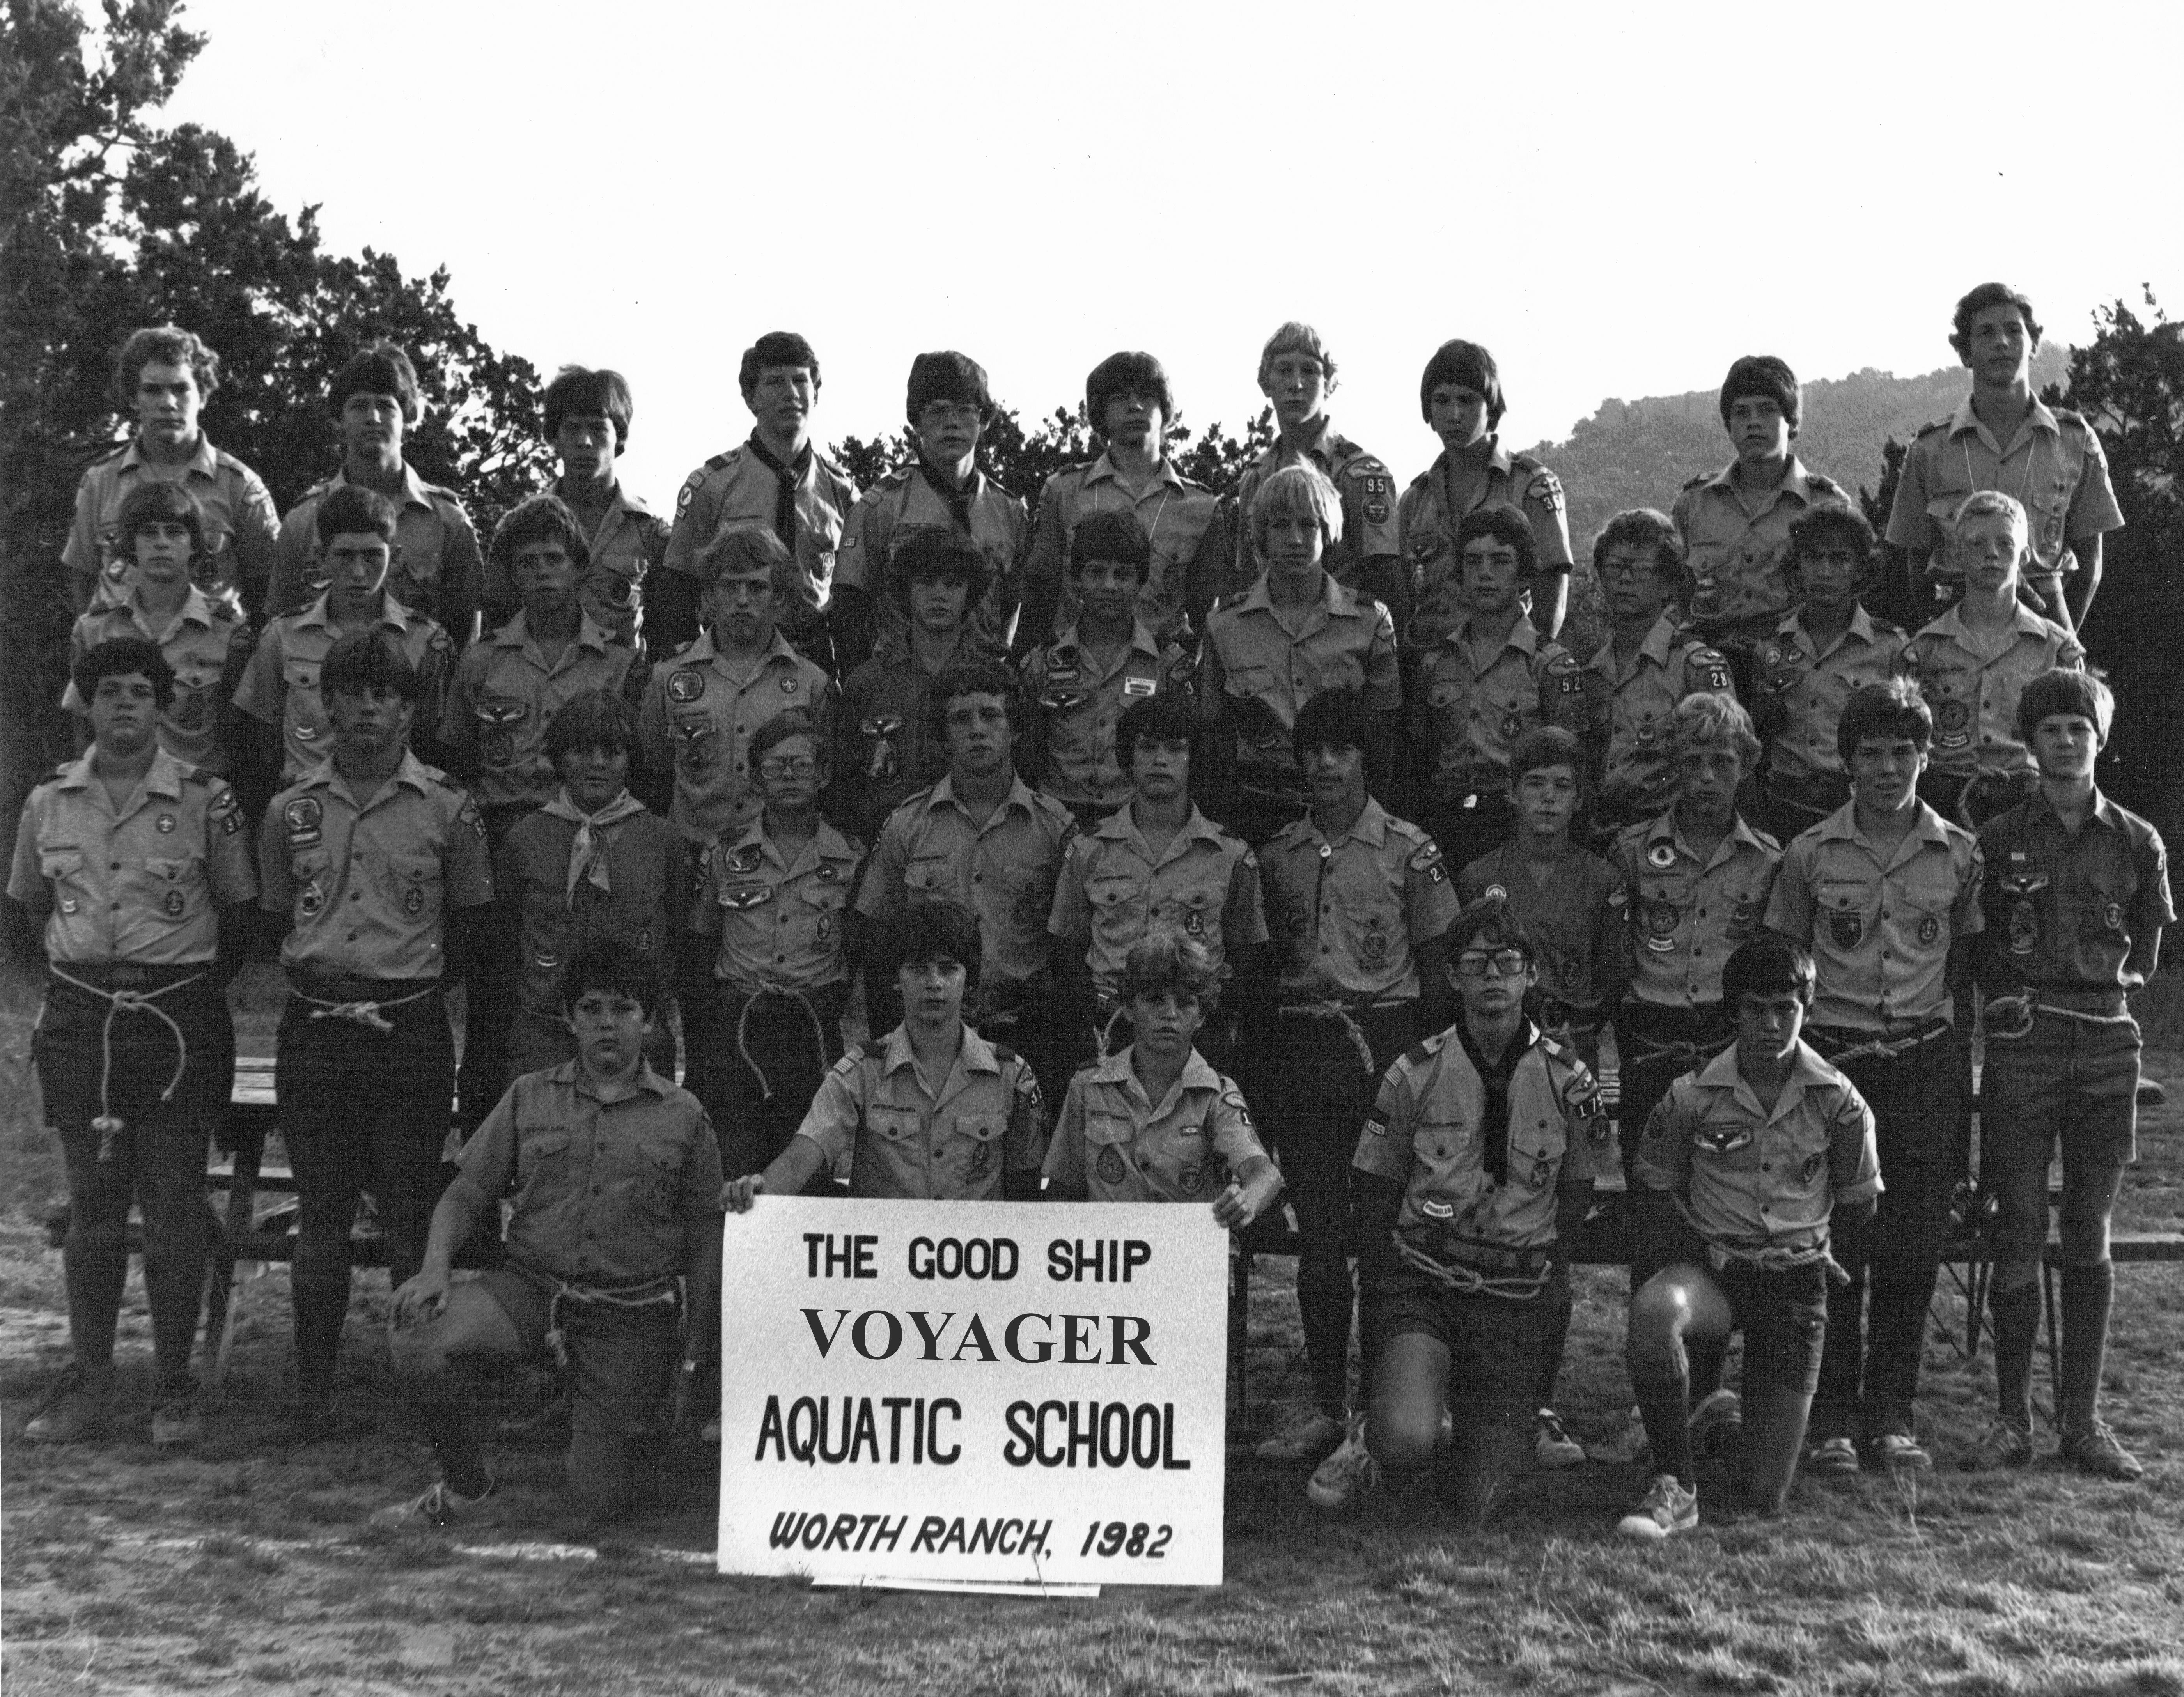 1982 Voyager.JPG